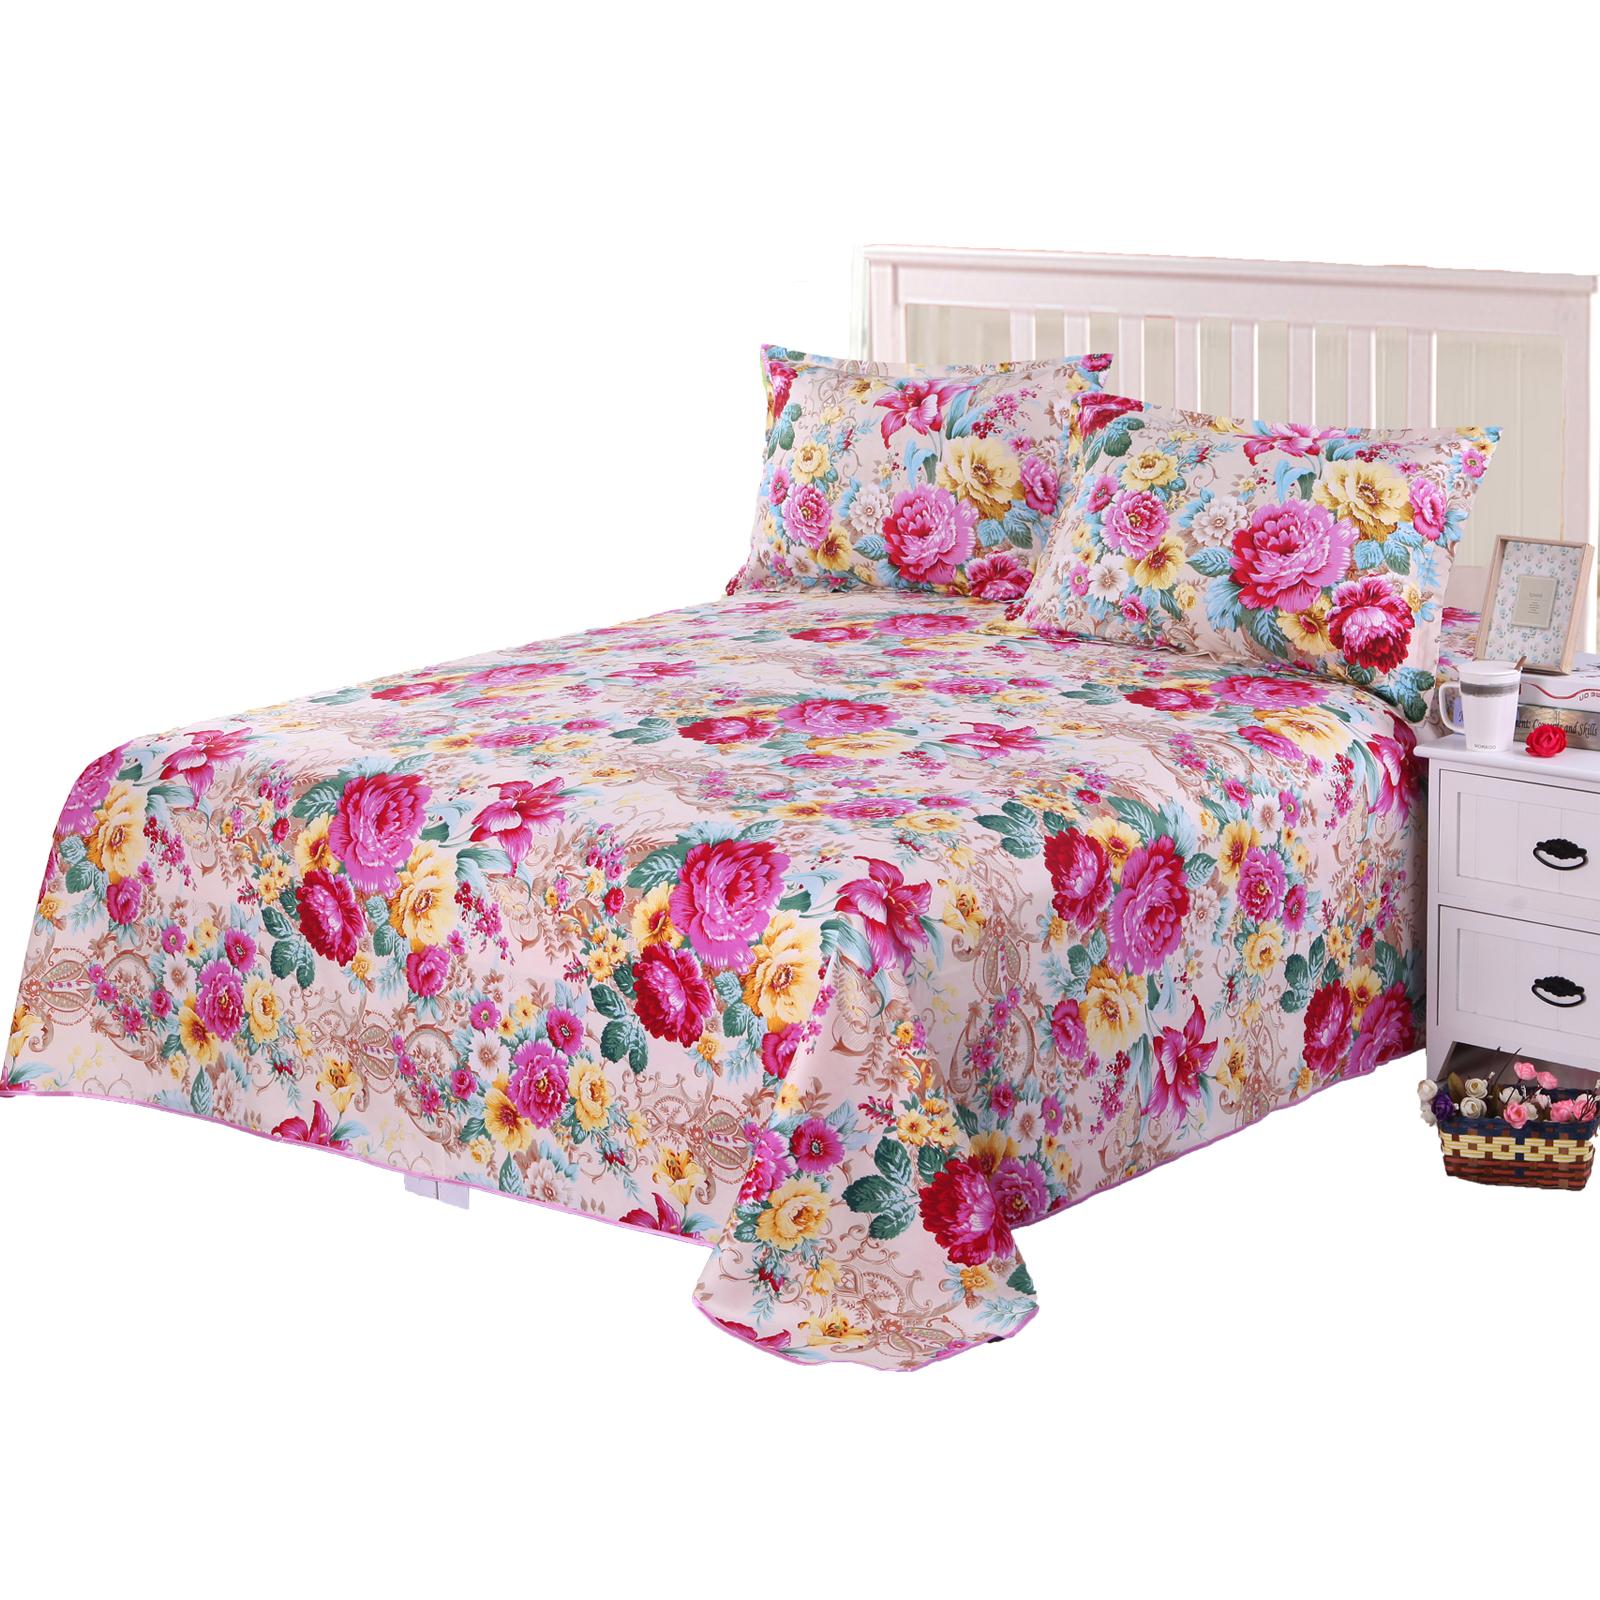 条纹床单单件1.2m1.5m1.8米床卡通蓝色宜家双人学生宿舍格子被单